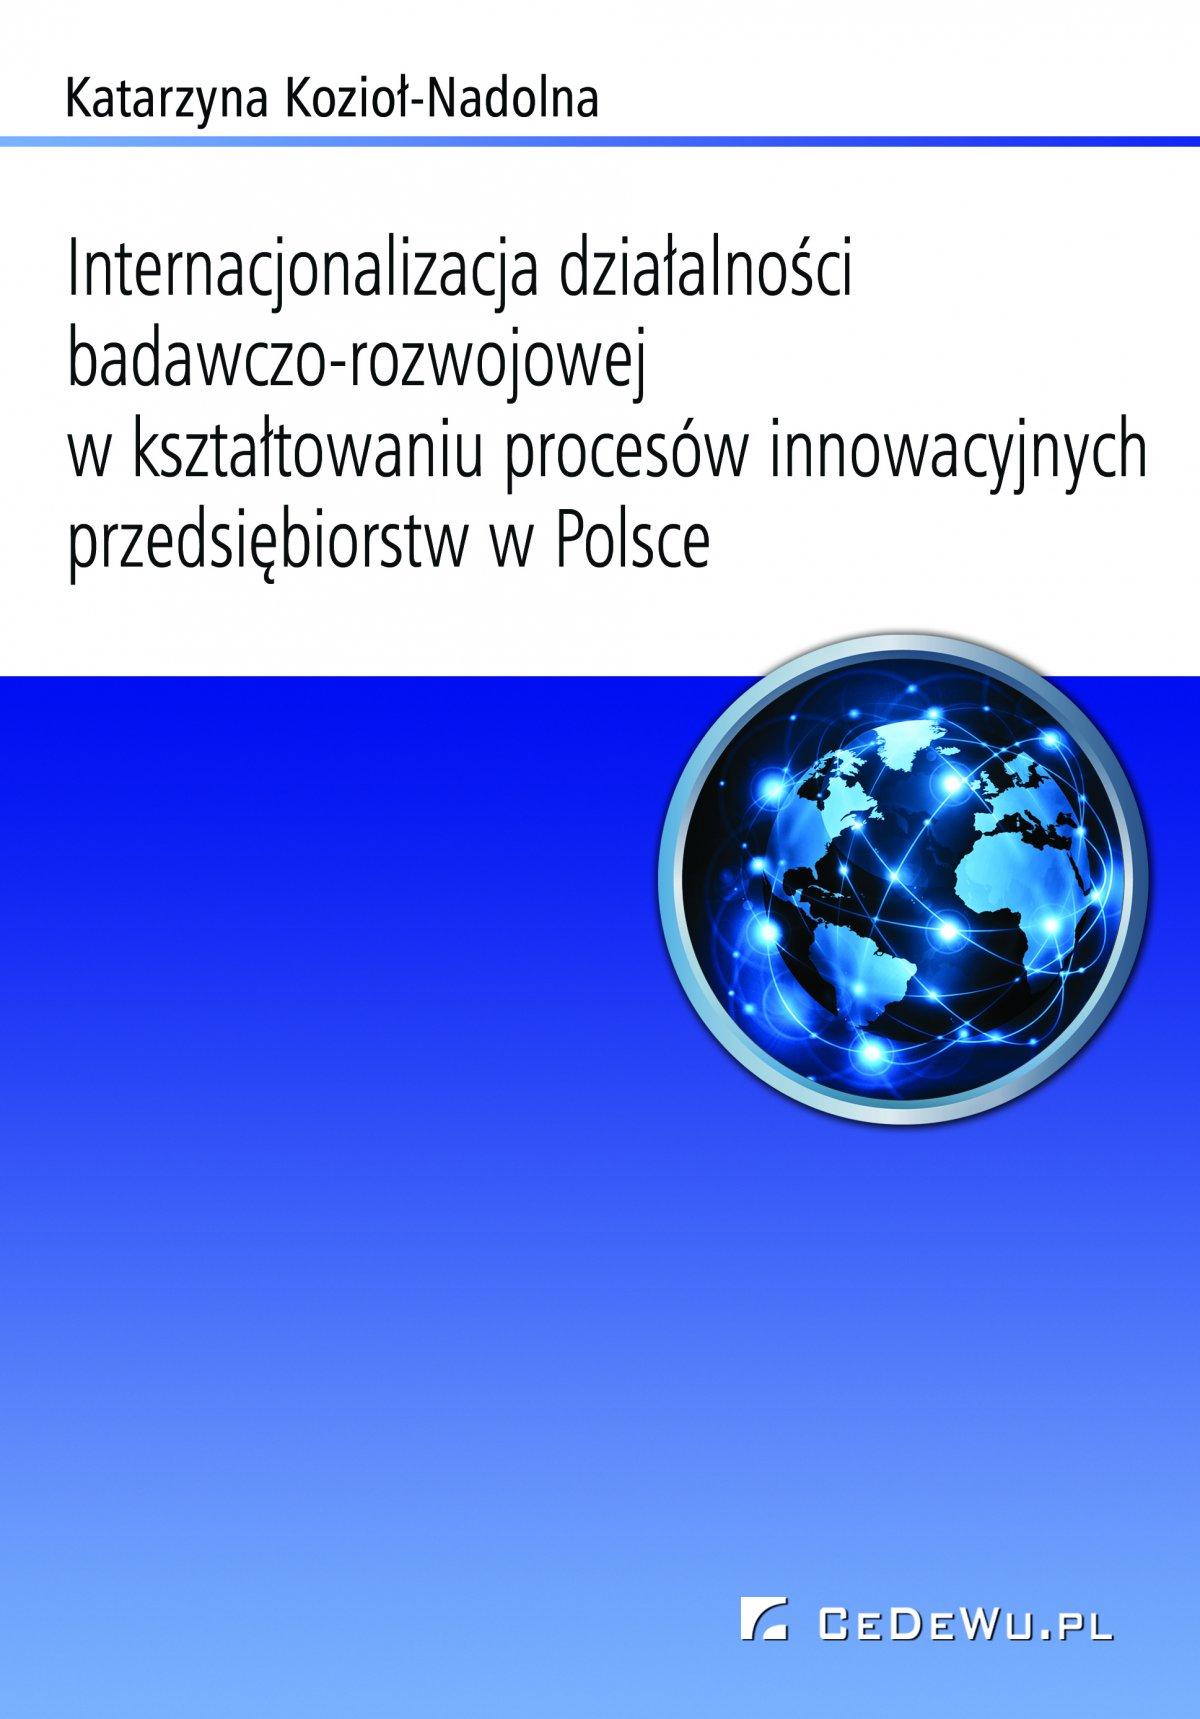 Internacjonalizacja działalności badawczo-rozwojowej... Rozdział 7. Ocena i postulowane kierunki zmian w kształtowaniu procesów innowacyjnych i internacjonalizacji sfery badawczo-rozwojowej w przedsiębiorstwach w Polsce oraz wybranych państwach świata - Ebook (Książka PDF) do pobrania w formacie PDF